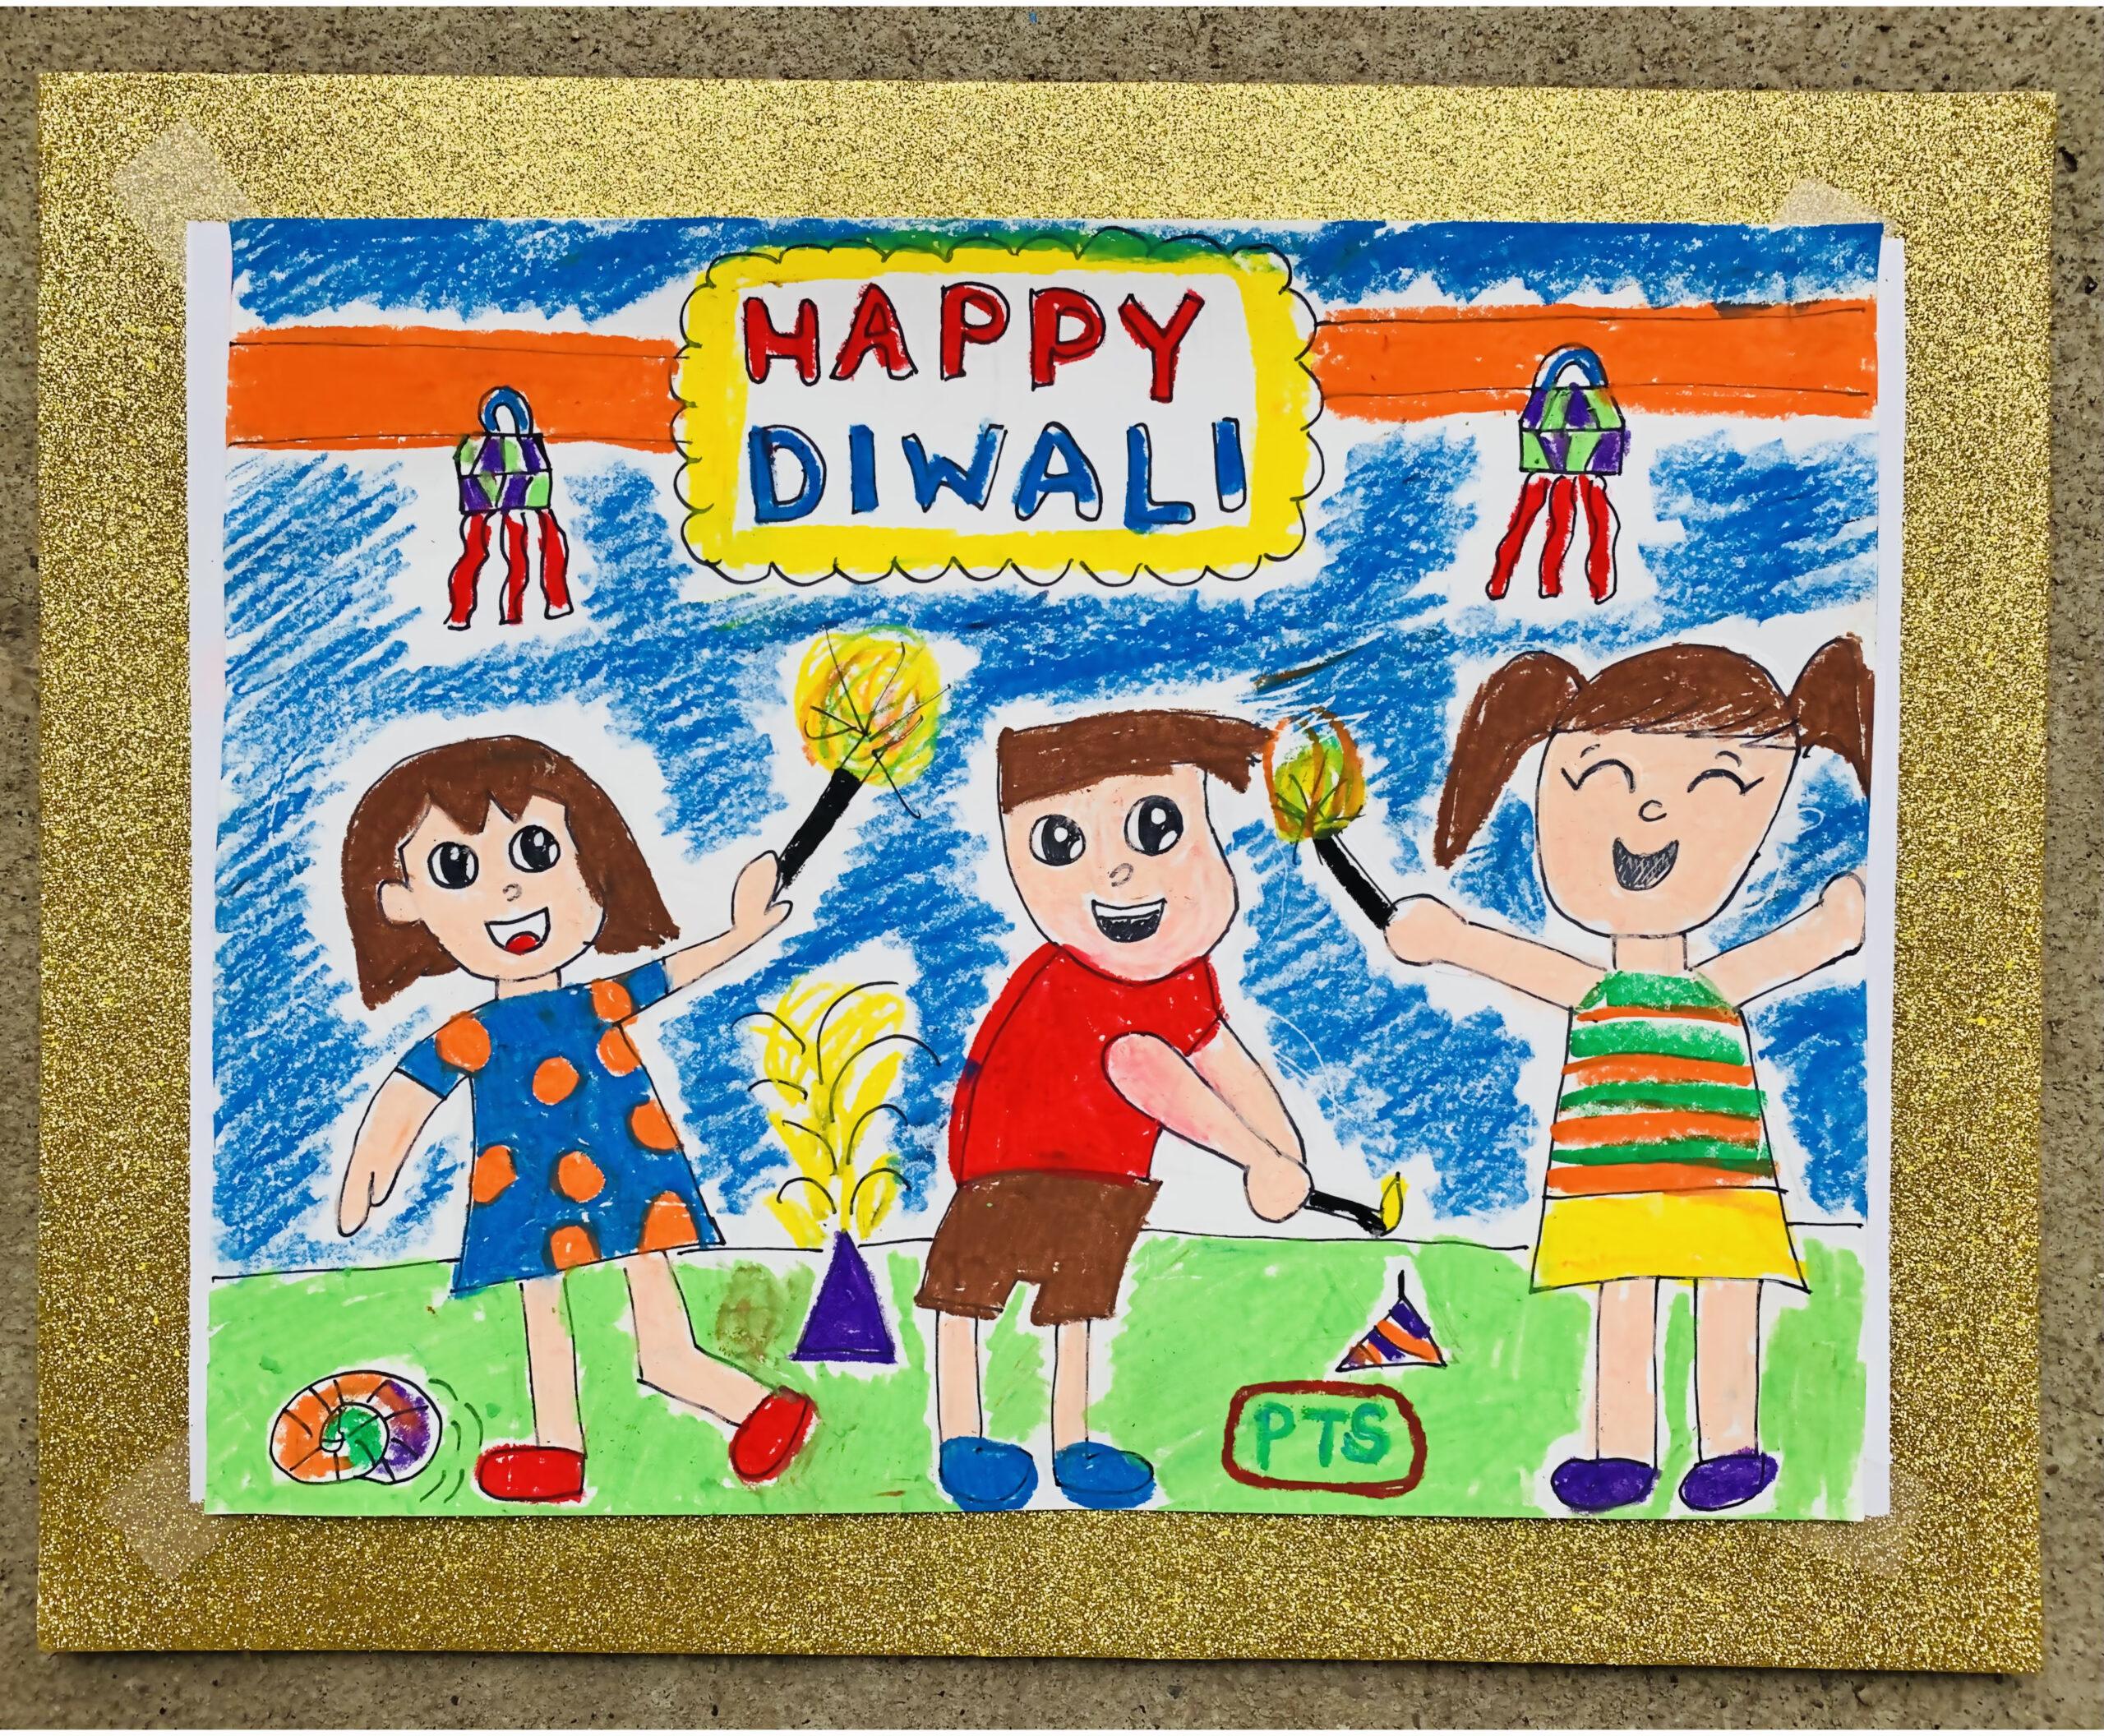 74590A64-B438-4D66-AE85-274FA9FD0B43 - Dhanalakshmi Devendran